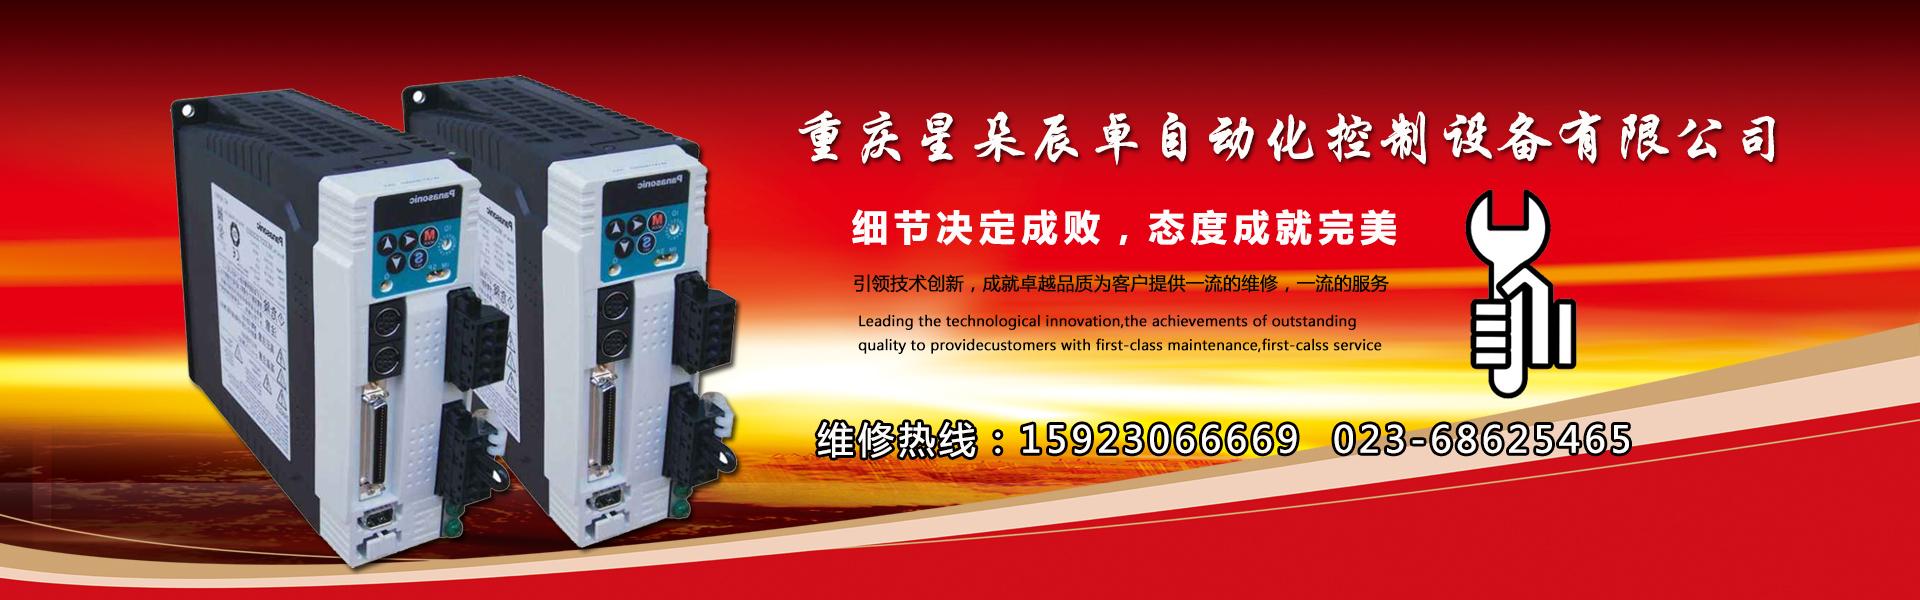 重庆伺服驱动器维修电话:15923066669  023-68625465